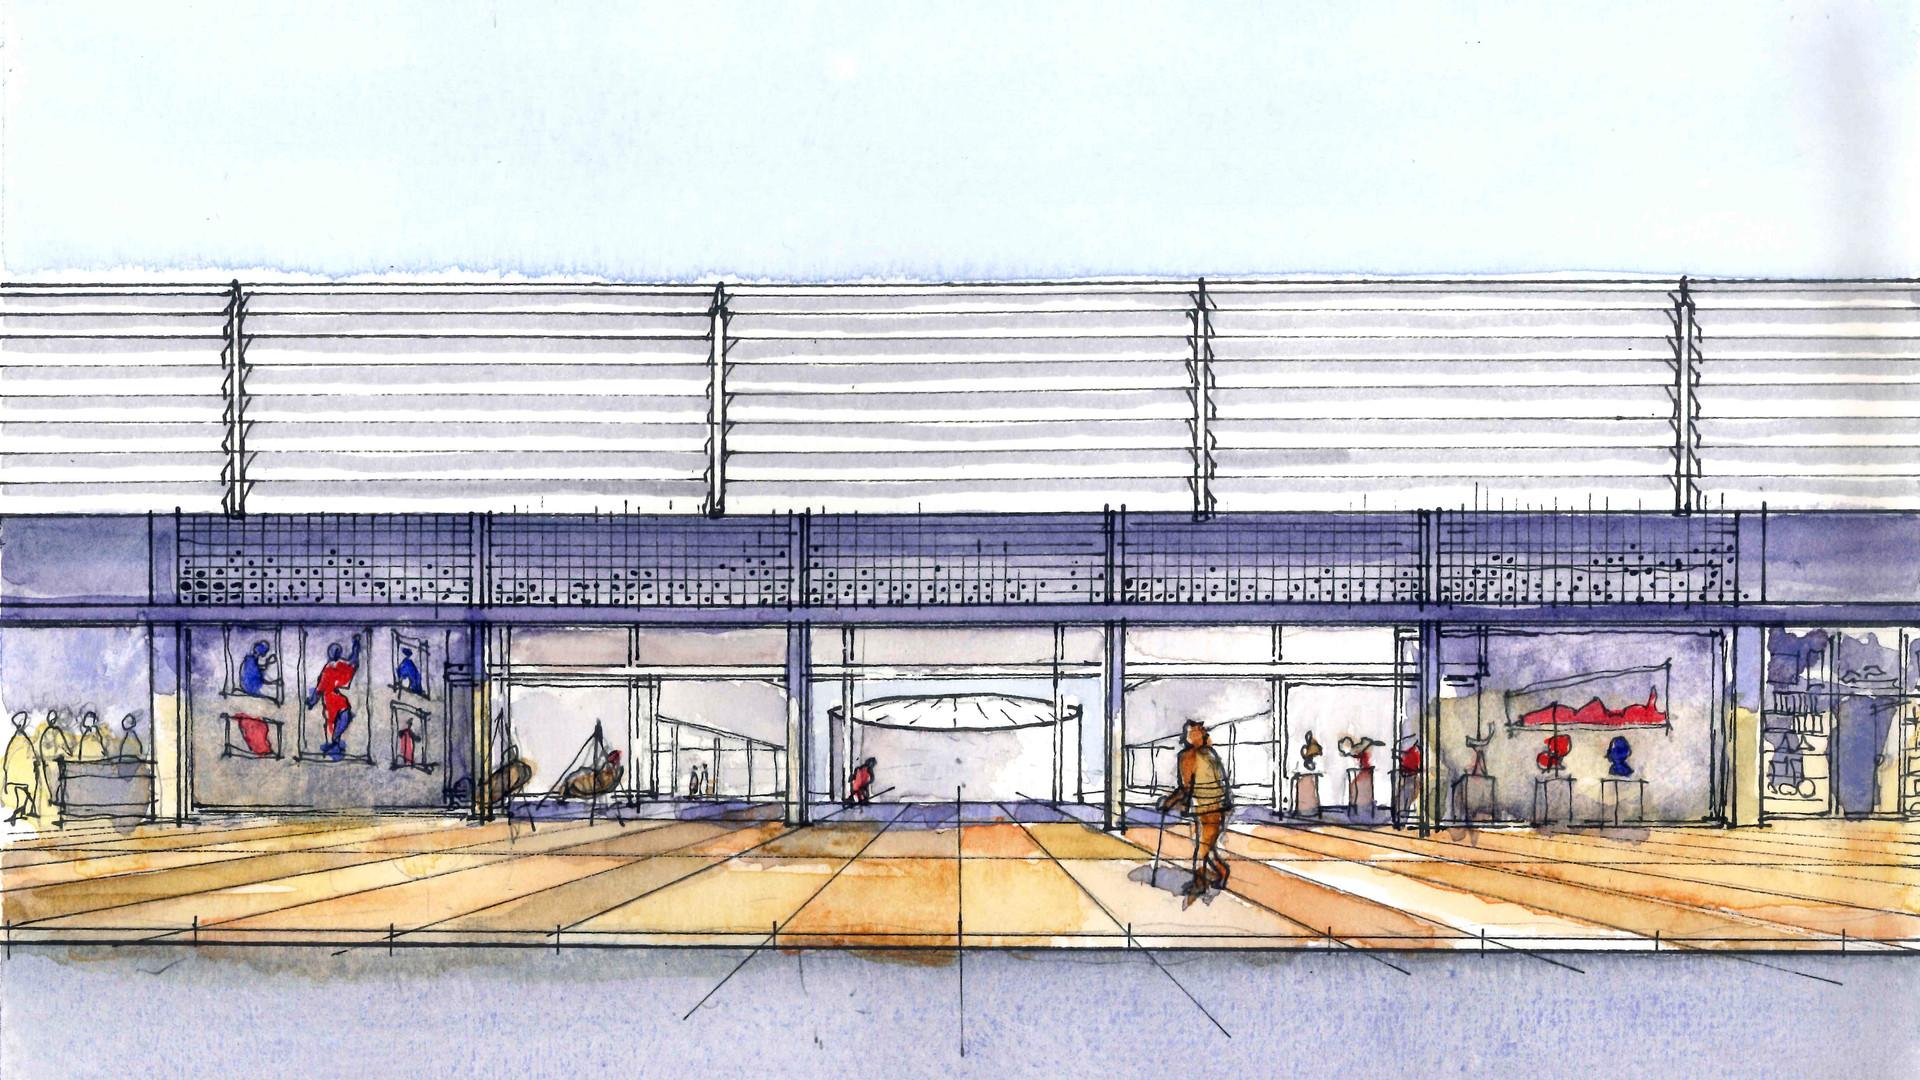 Galeria Comercial Atelier Centro Cultural - YVA Arquitetura